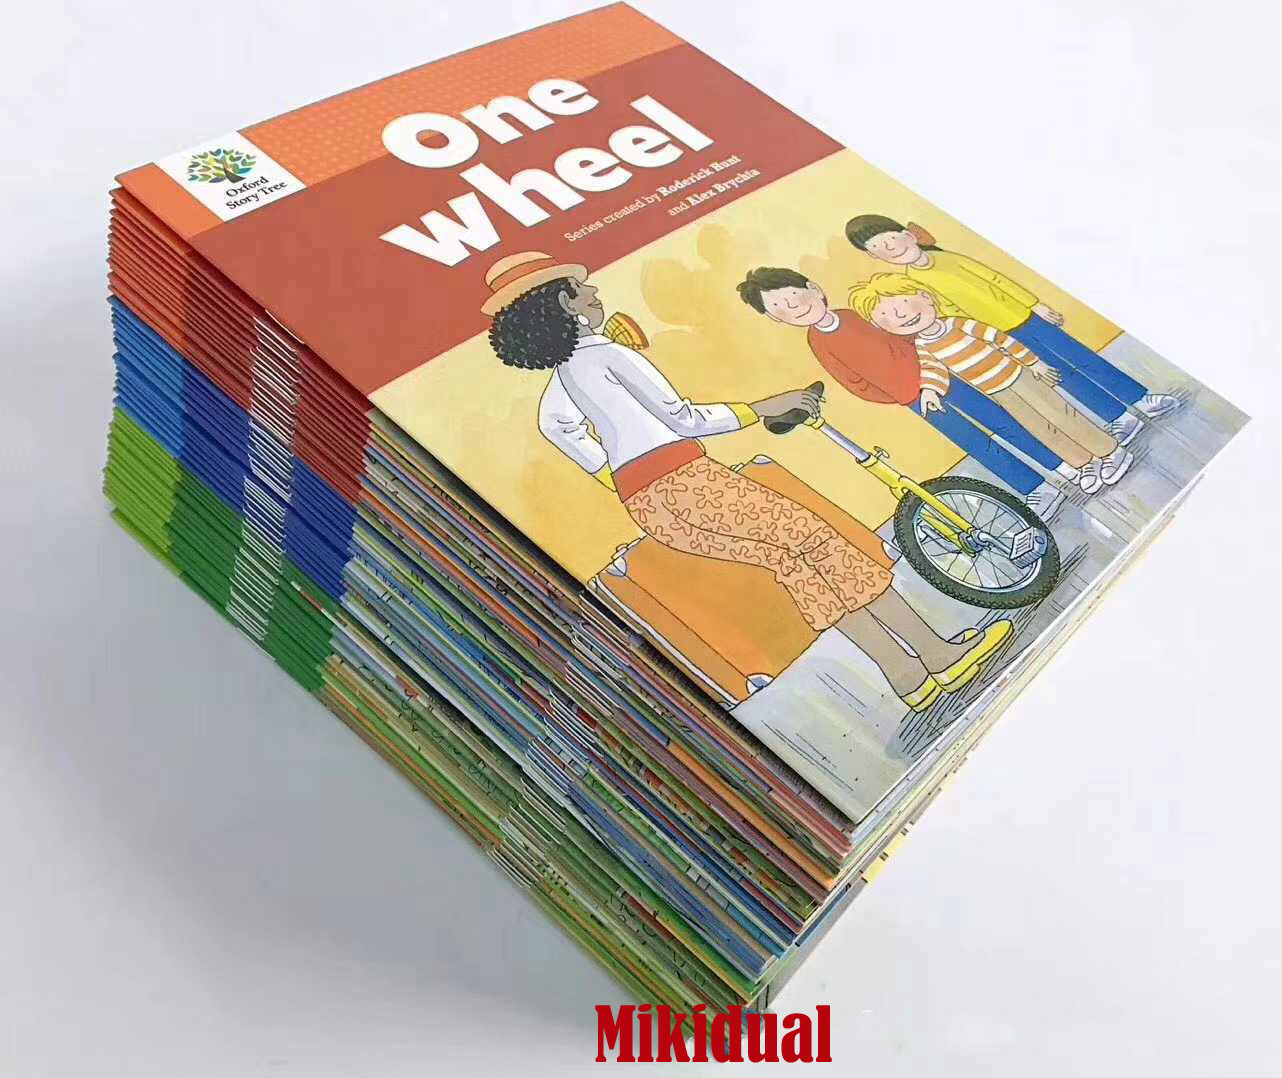 1 ensemble 52 livres 1-3 niveau Oxford histoire arbre anglais histoire livres maternelle bébé lecture livre photo jouets éducatifs enfants - 2